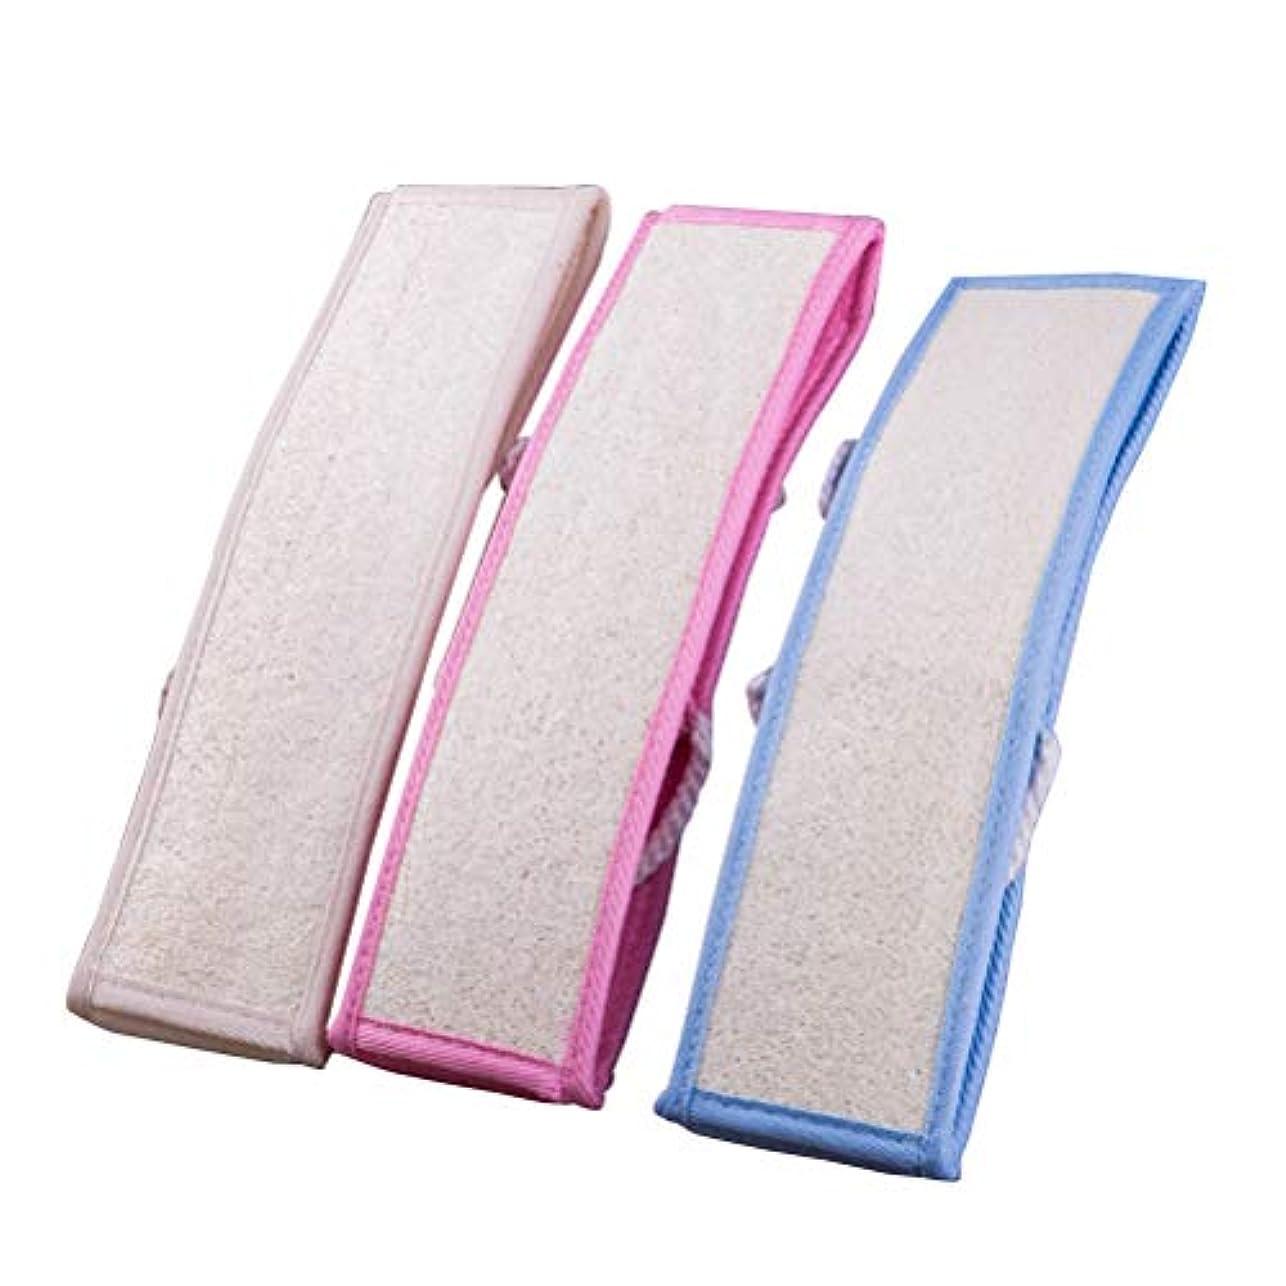 懇願する行動発行Healifty 3本のLoofahバックストラップ剥離バックスクラバーロングシャワーバスLoofah(青、ピンク、白各1個)